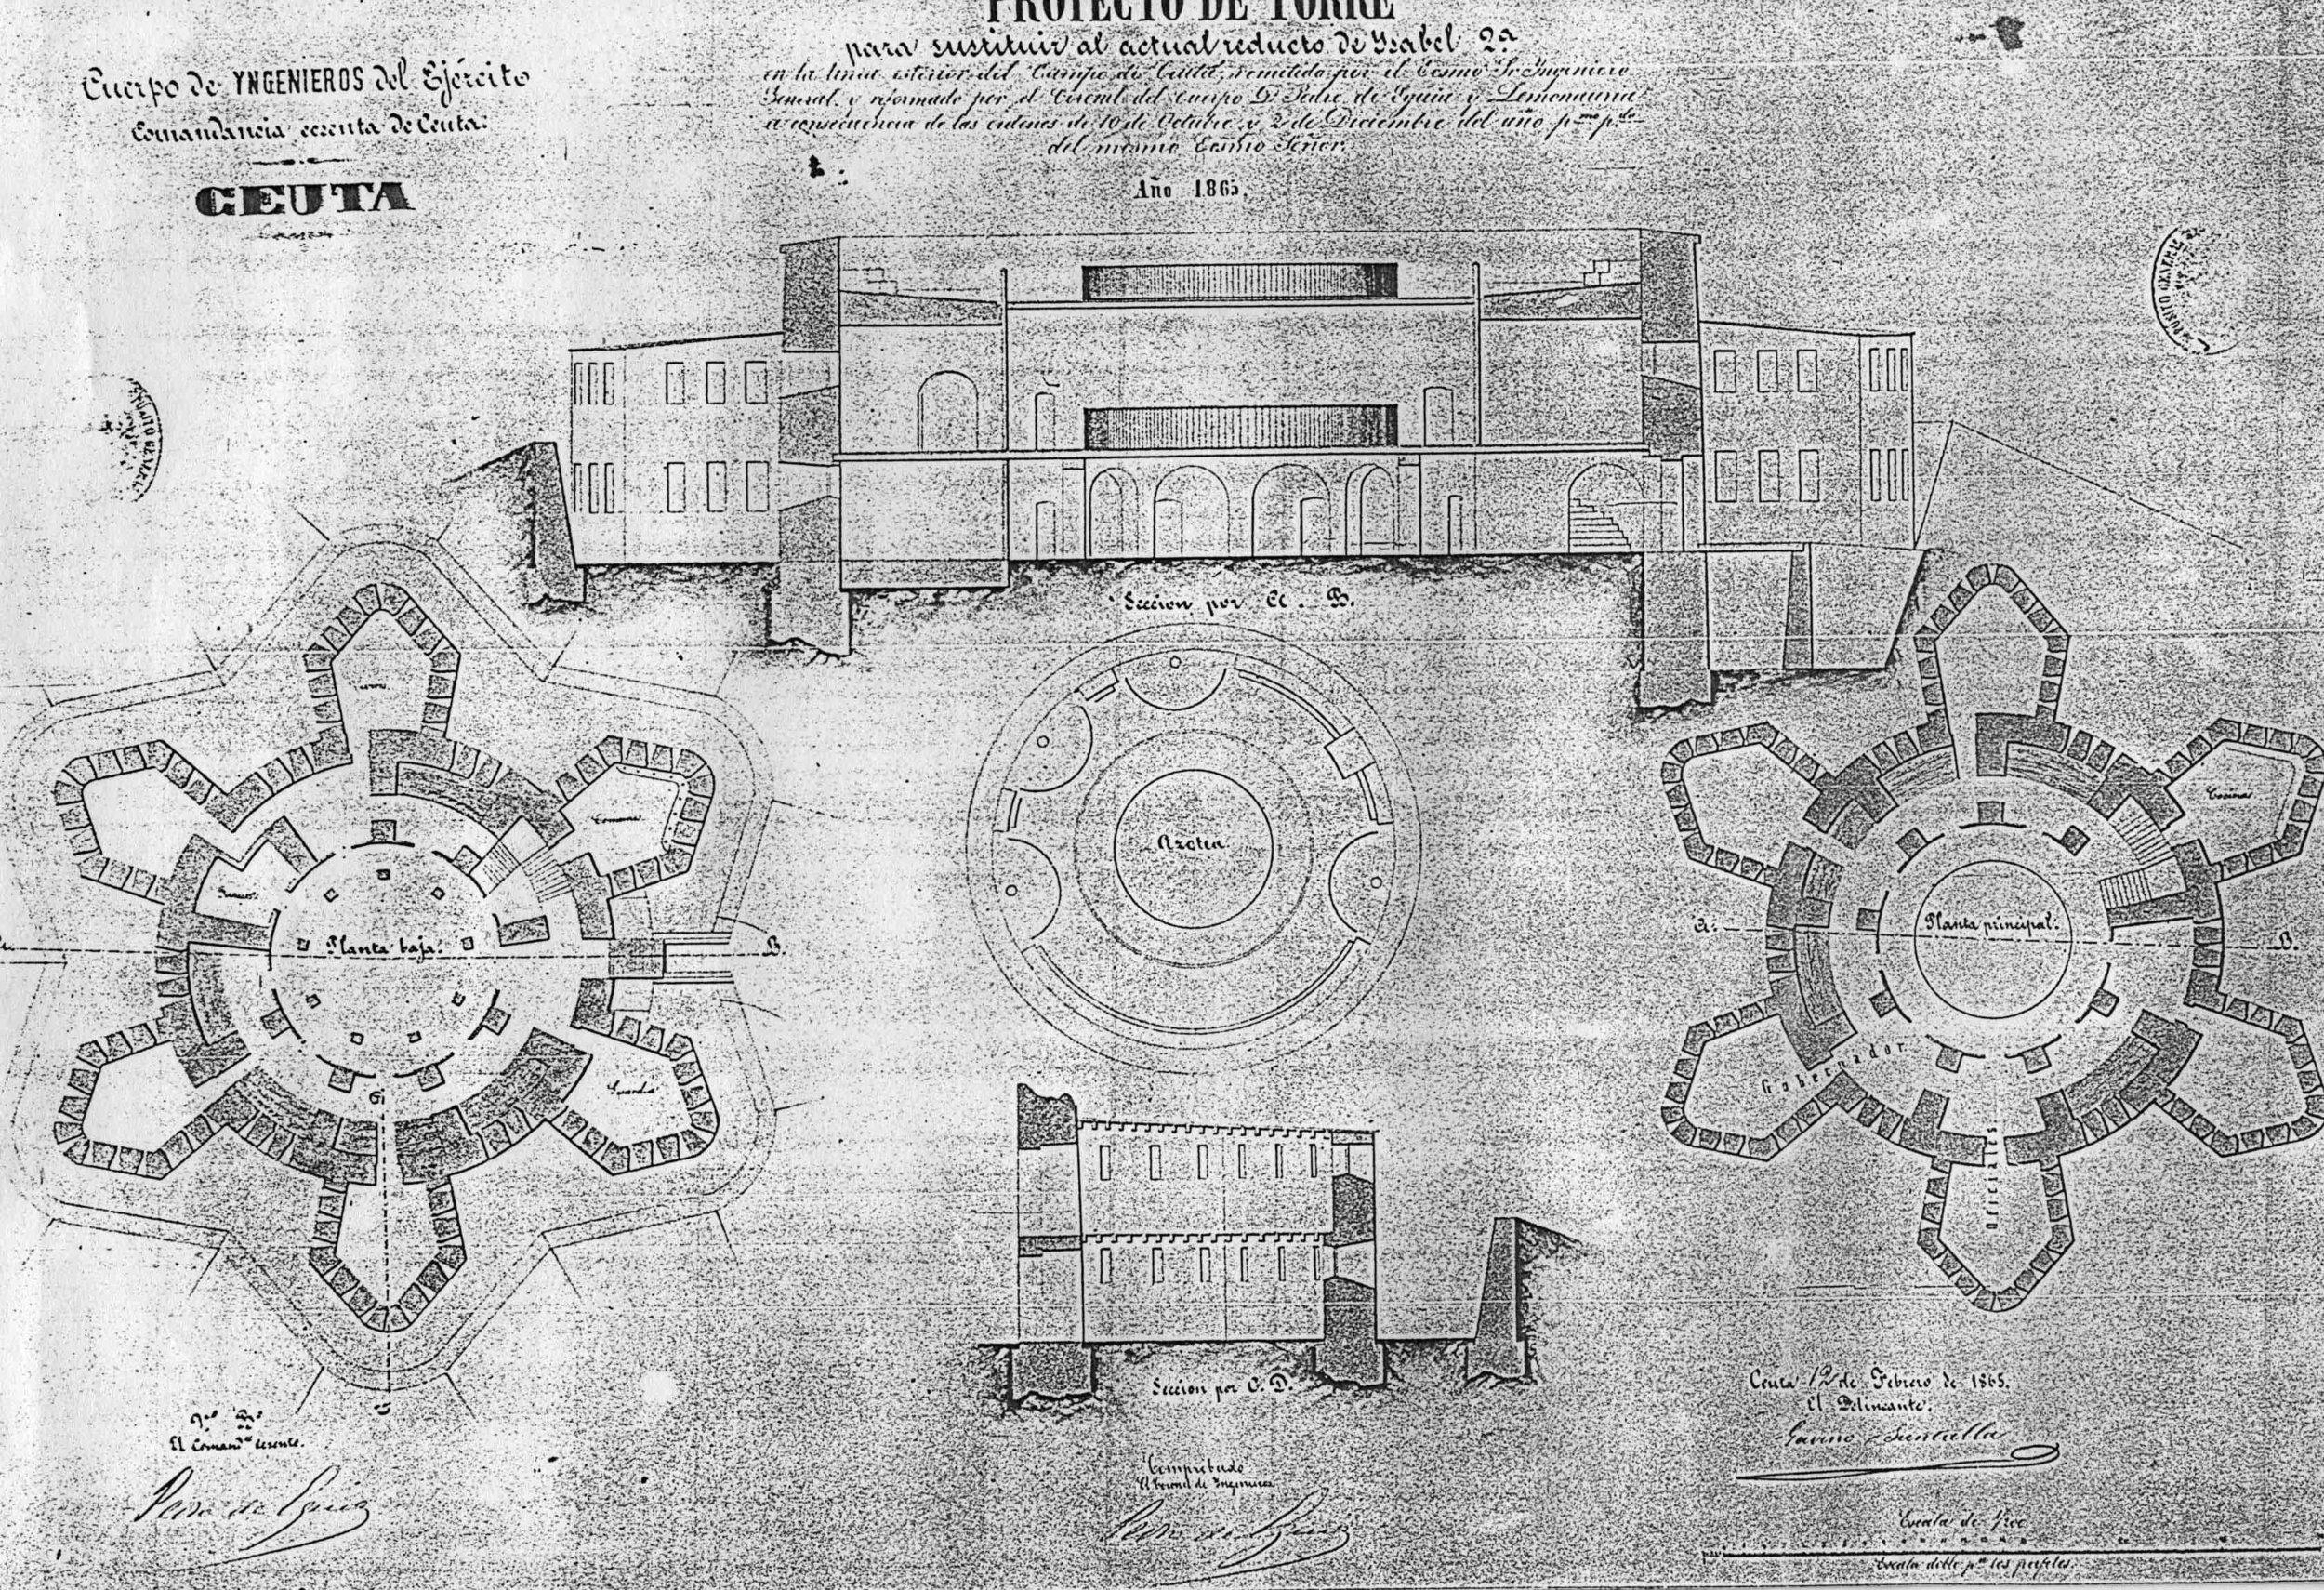 figura 11: proyecto de Isabel II por Pedro de Eguía, 1865